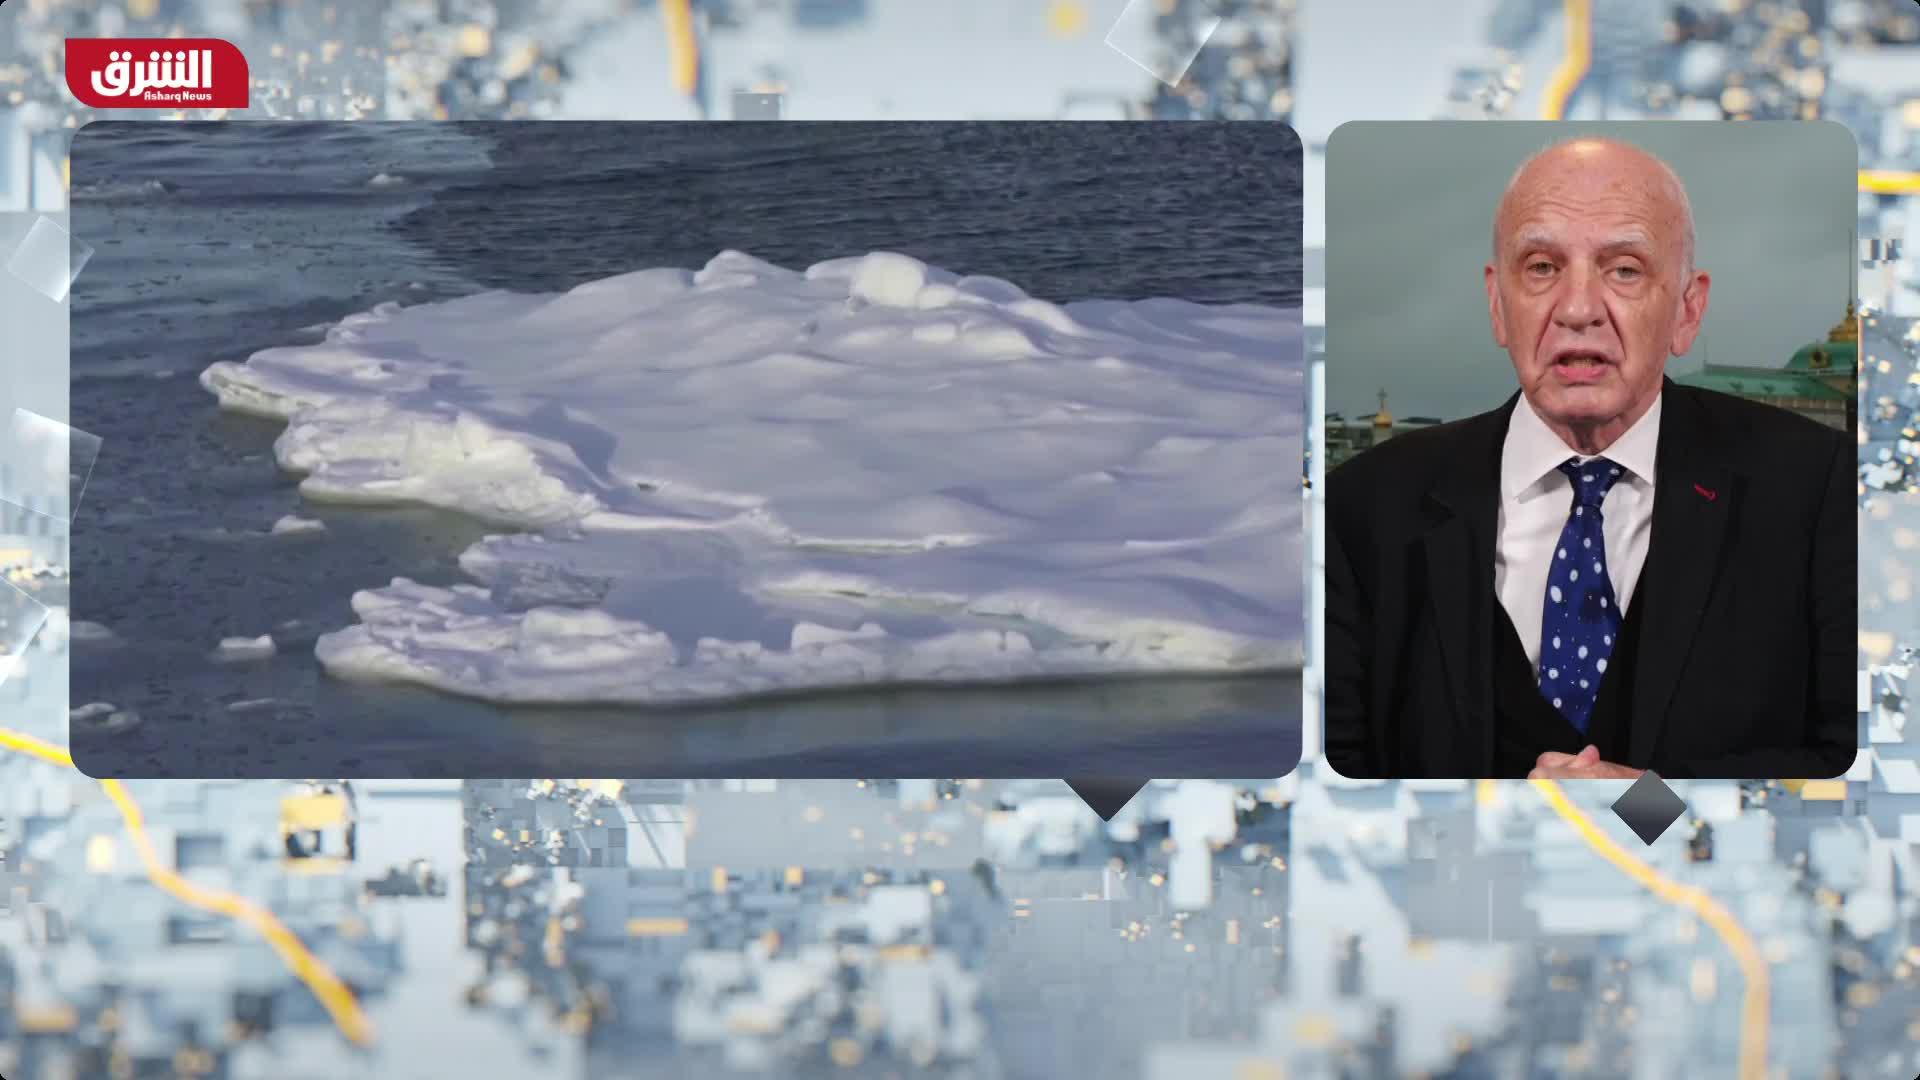 هل التنافس على القطب الشمالي عسكري أم سياسي أم اقتصادي؟